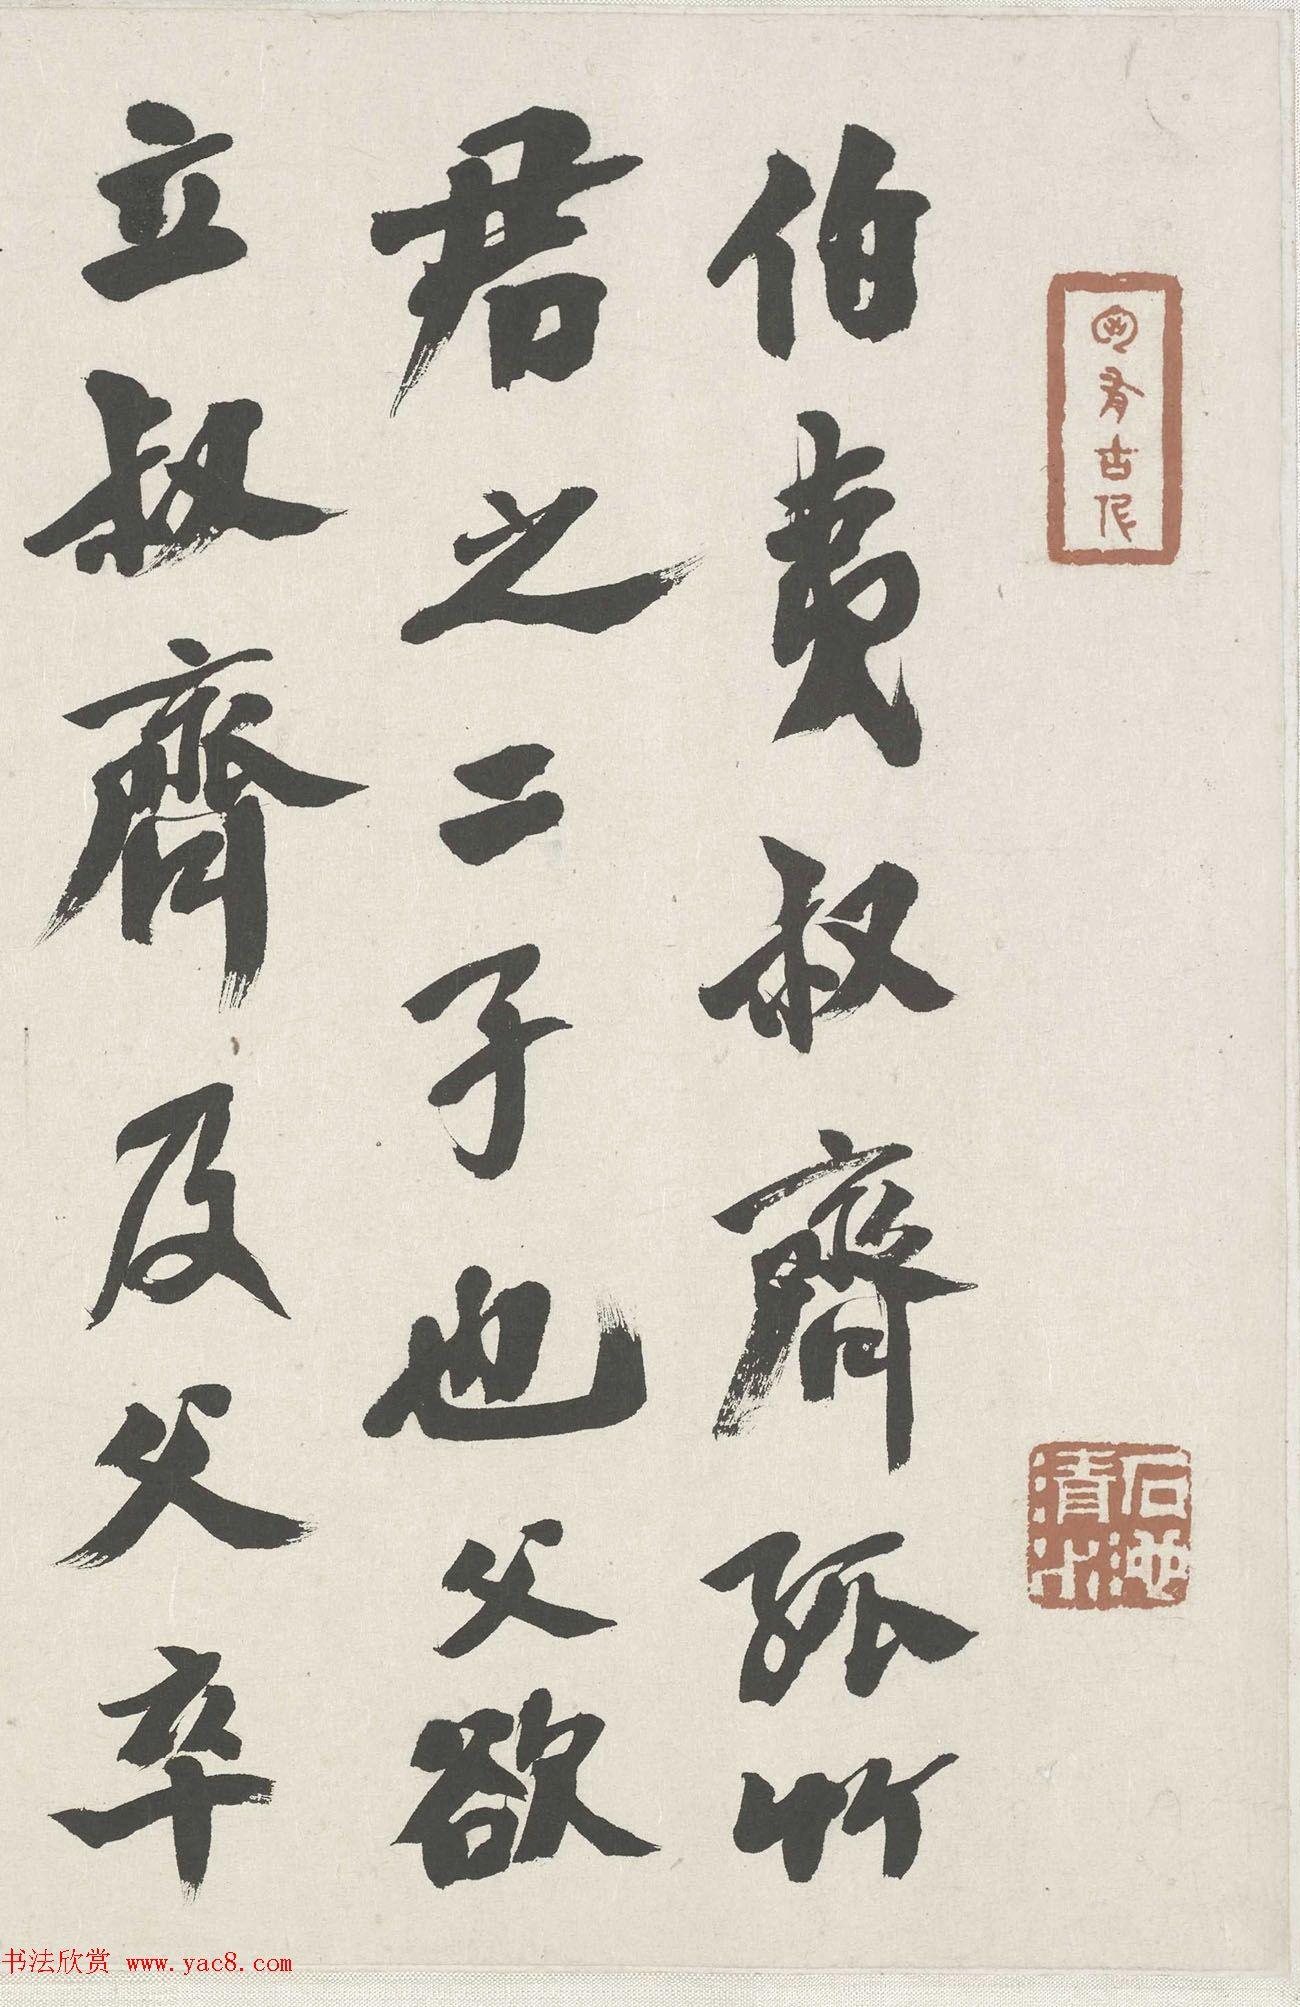 潘霄汉书法作品欣赏《伯夷列传》